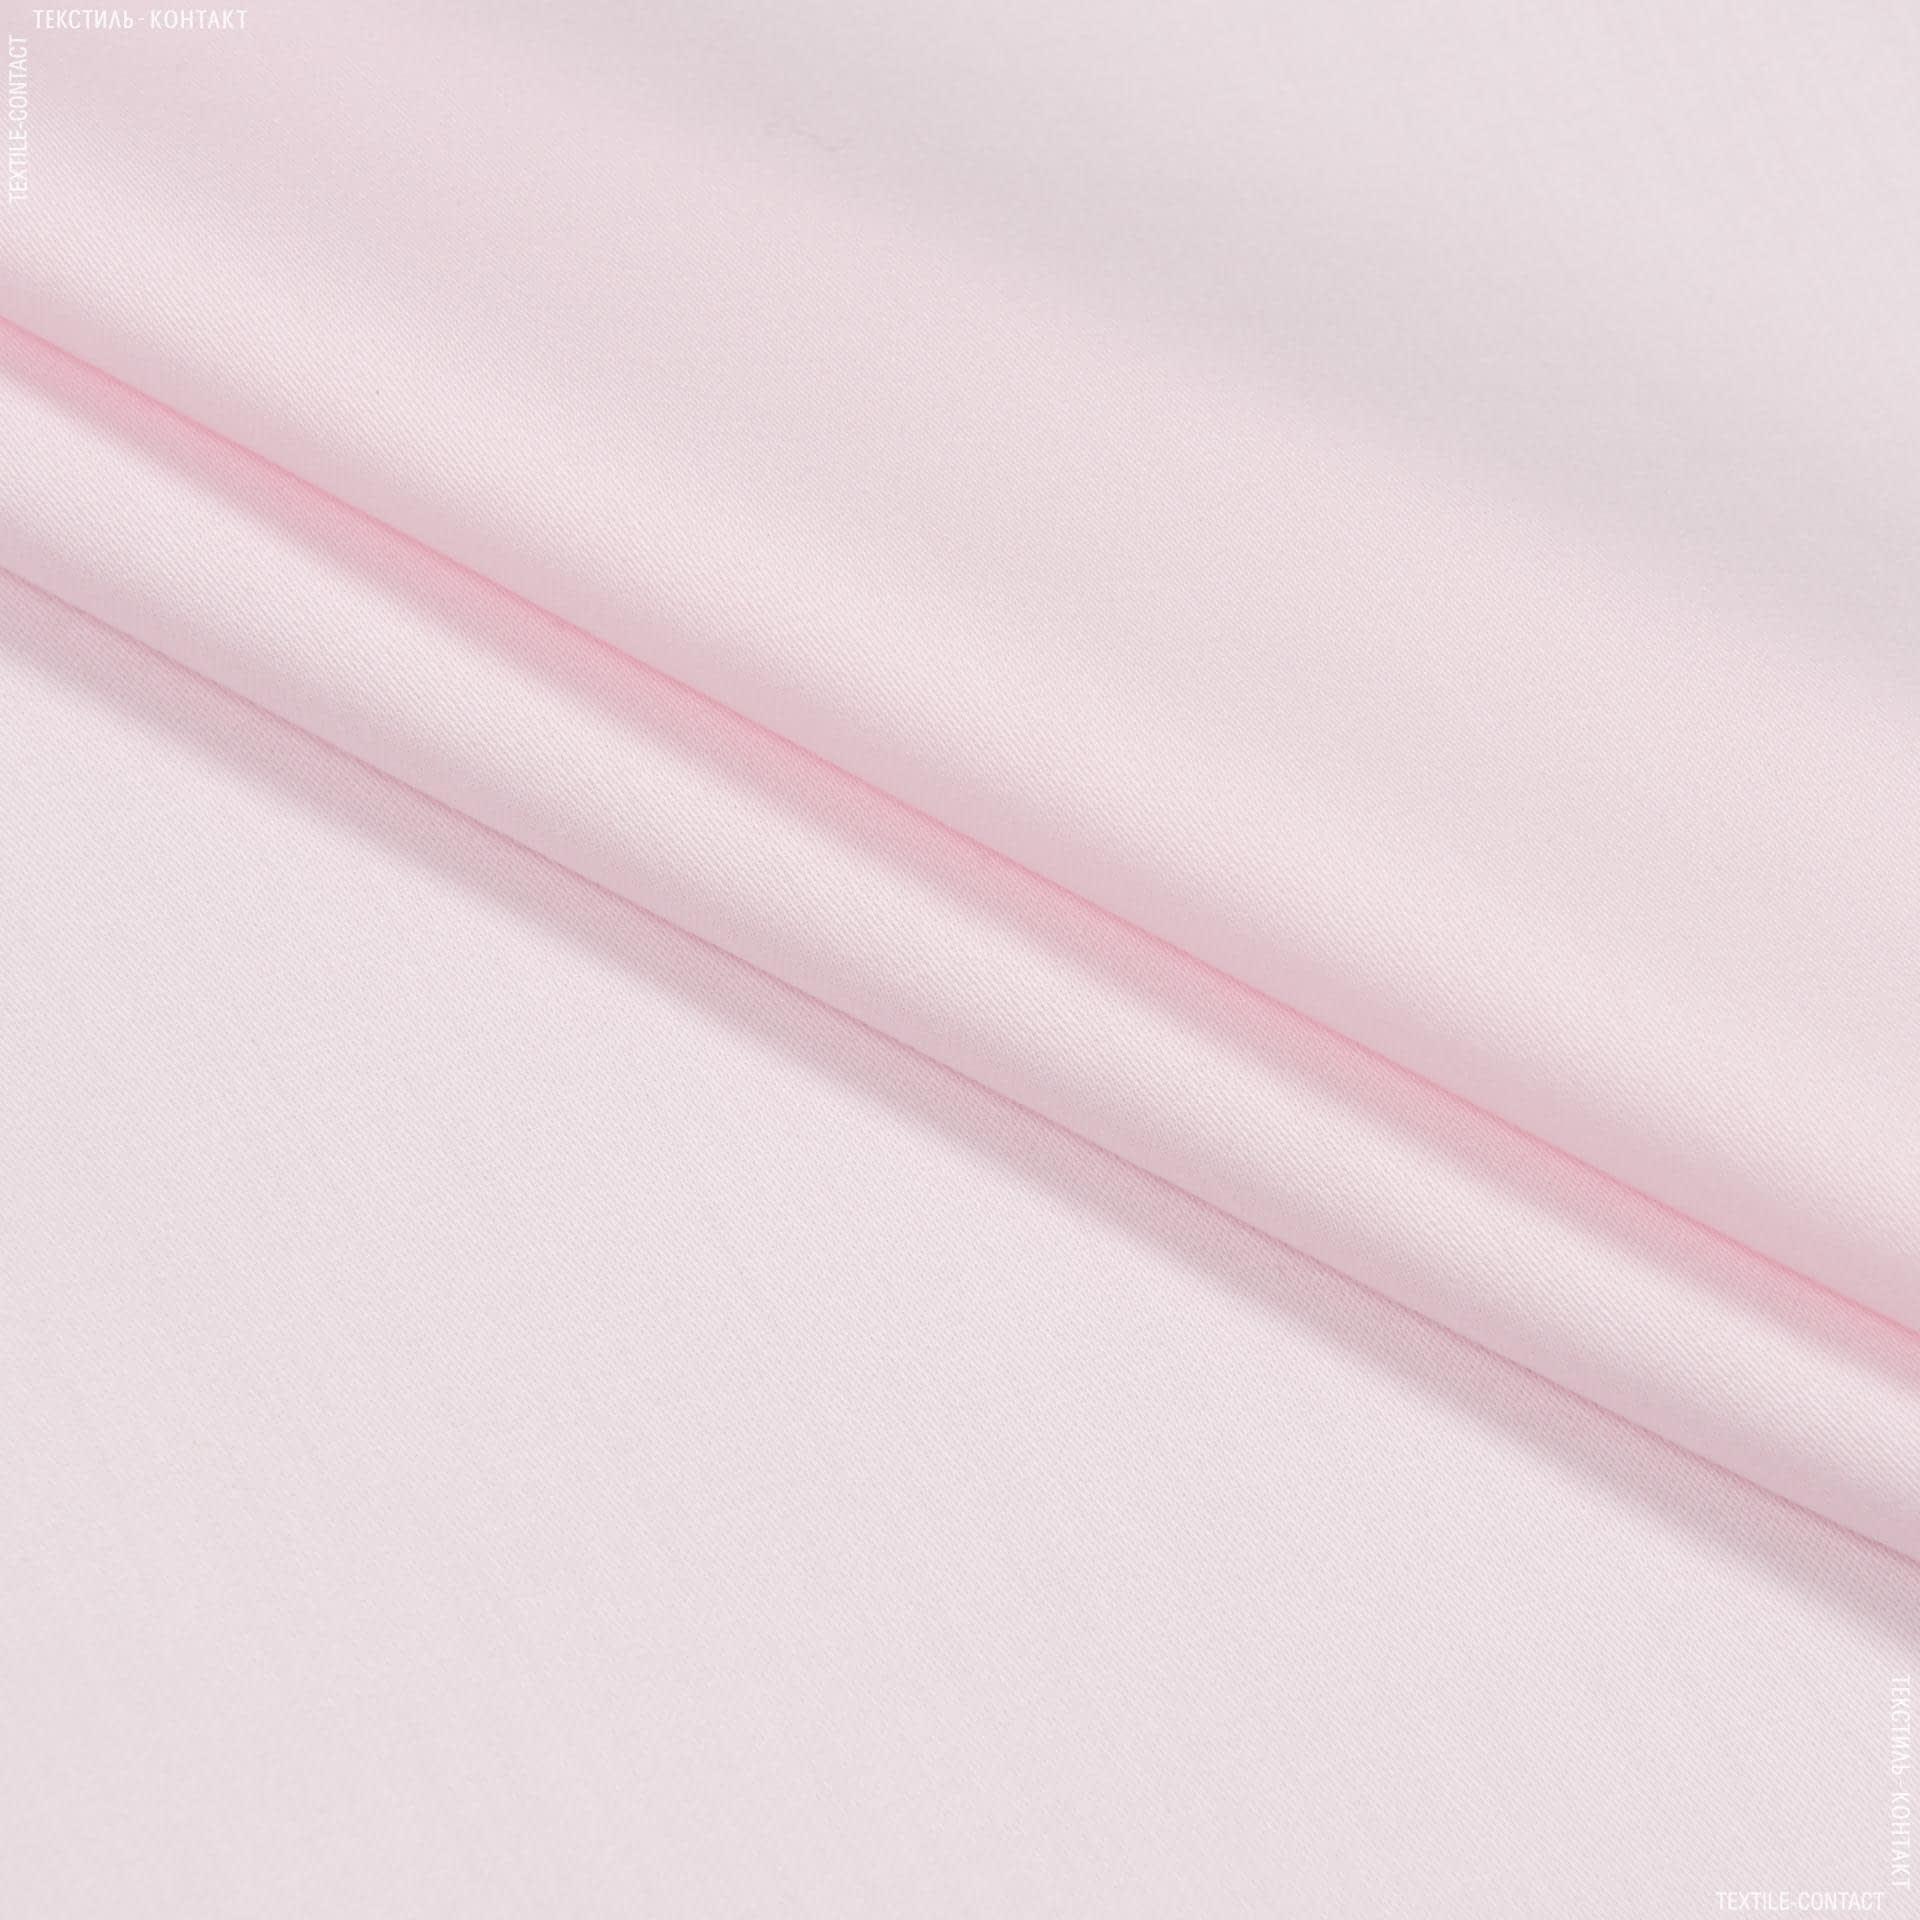 Ткани для детского постельного белья - Евро сатин   лисо / eurosaten liso  розовий